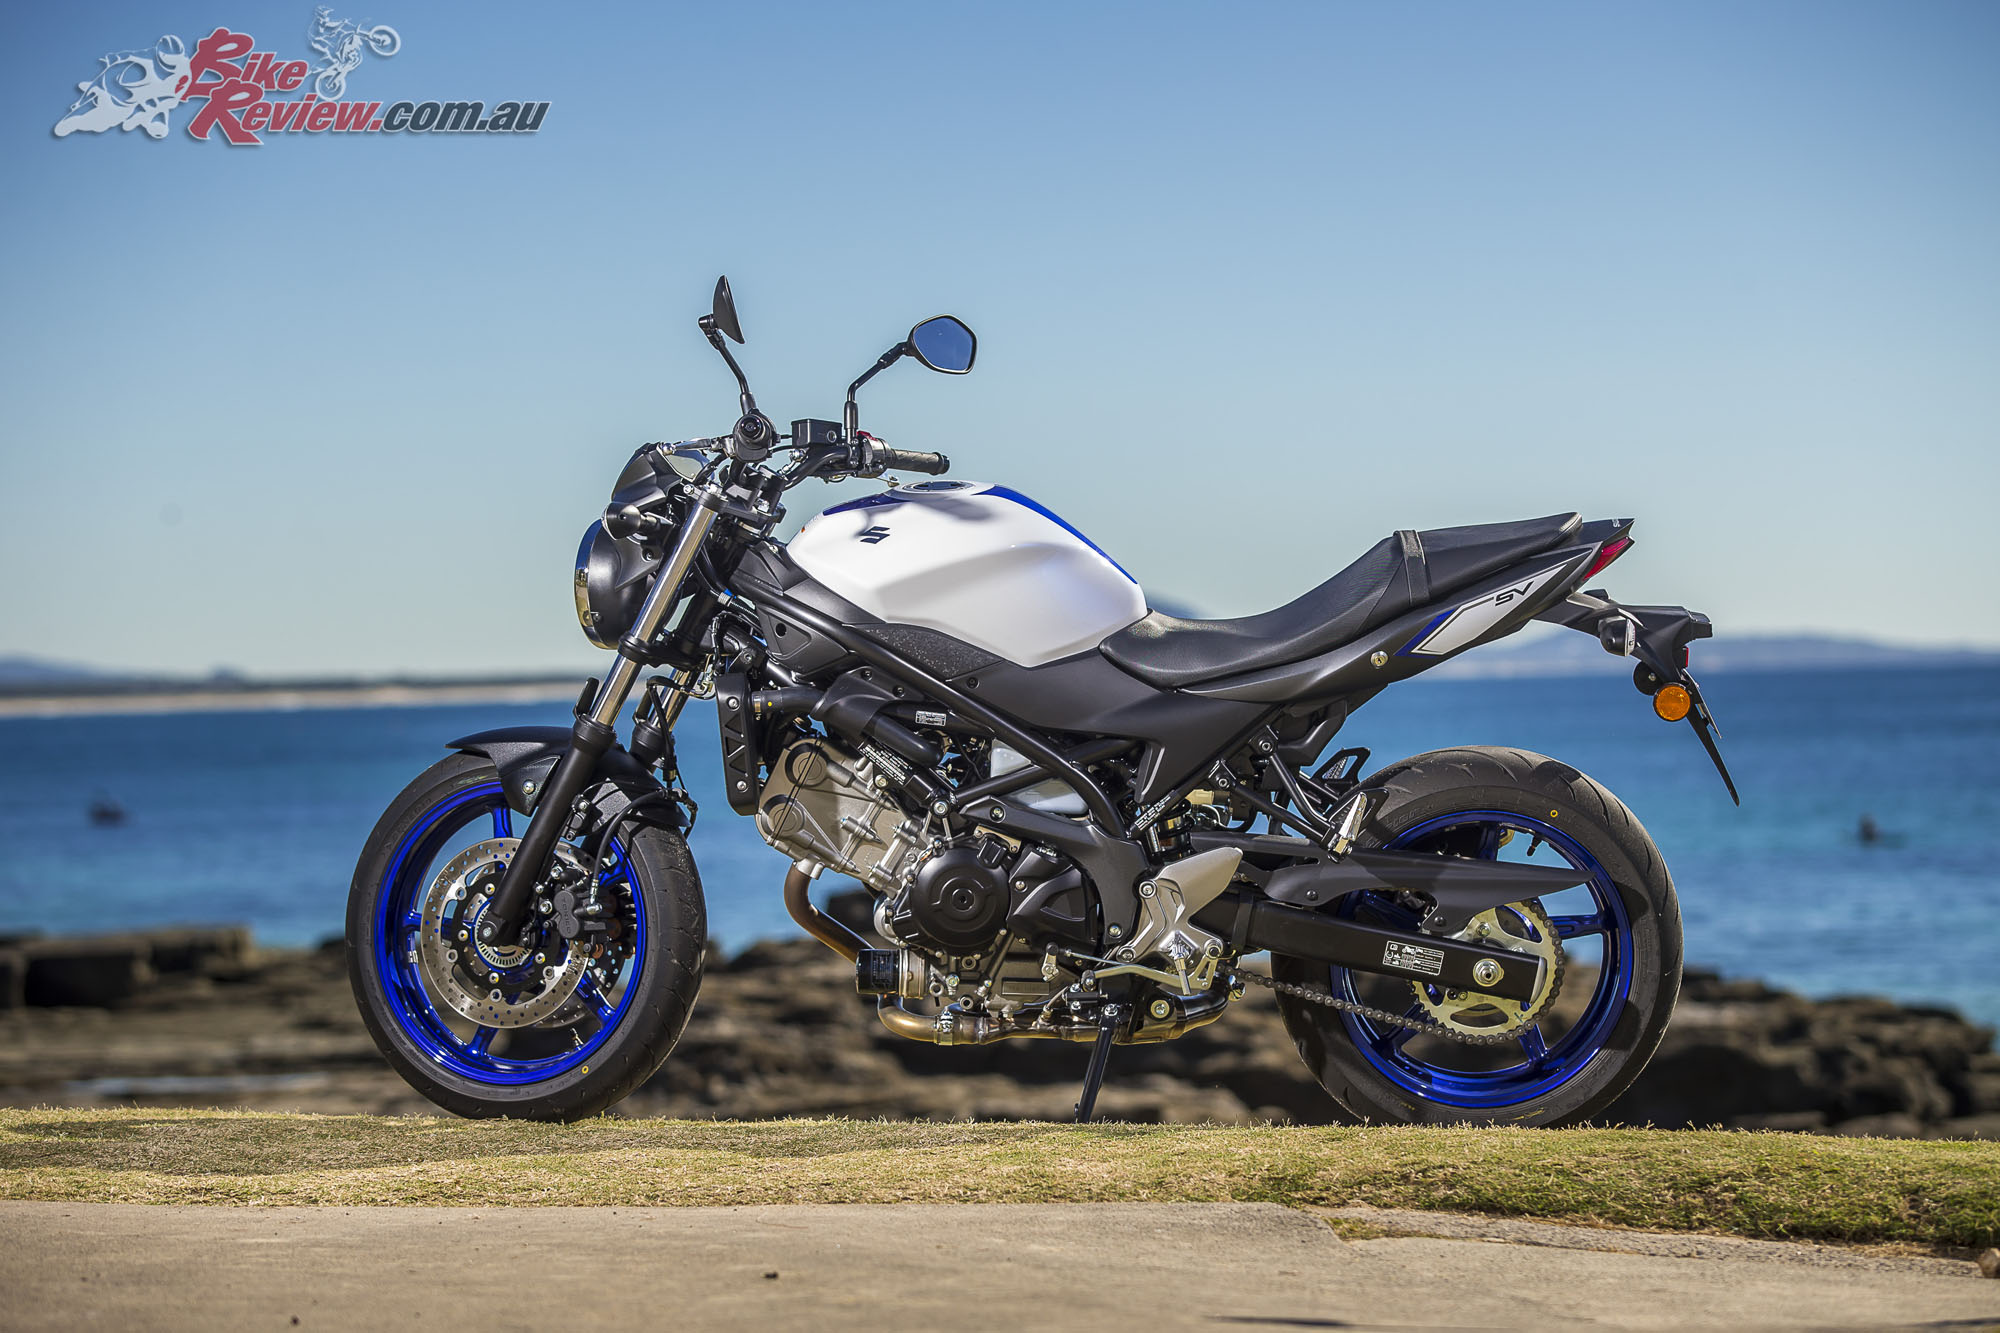 2016 Suzuki SV650 LAMS Bike Review Stat 28